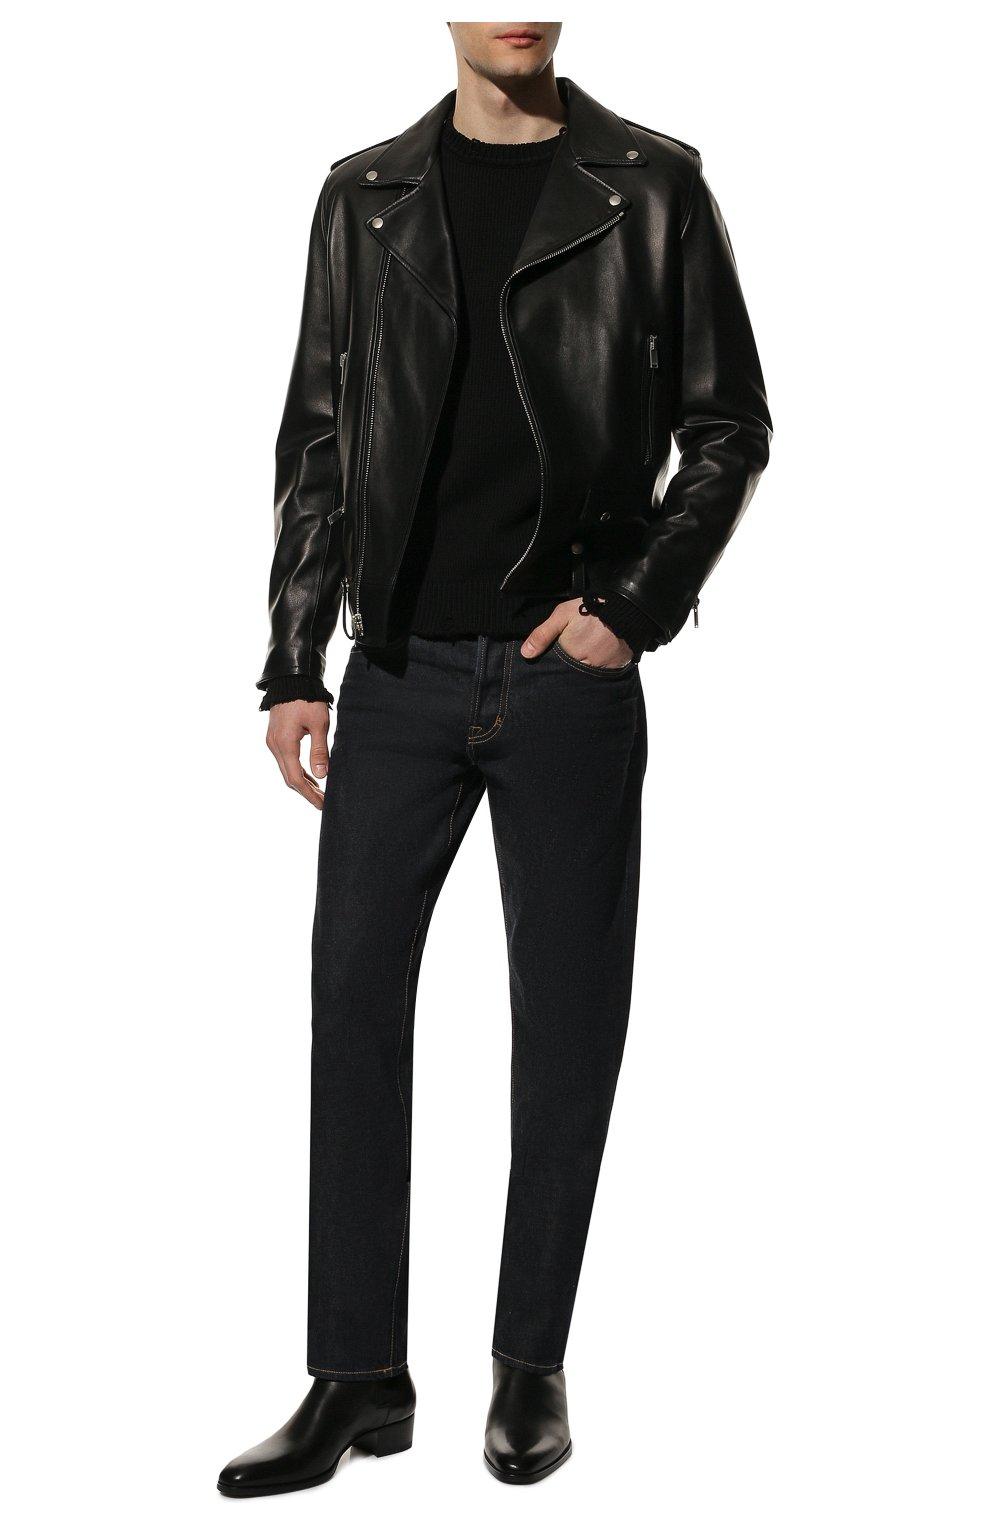 Мужской хлопковый свитер SAINT LAURENT черного цвета, арт. 604798/YAL02 | Фото 2 (Рукава: Длинные; Принт: Без принта; Длина (для топов): Стандартные; Стили: Гранж; Материал внешний: Хлопок; Мужское Кросс-КТ: Свитер-одежда; Статус проверки: Проверена категория)